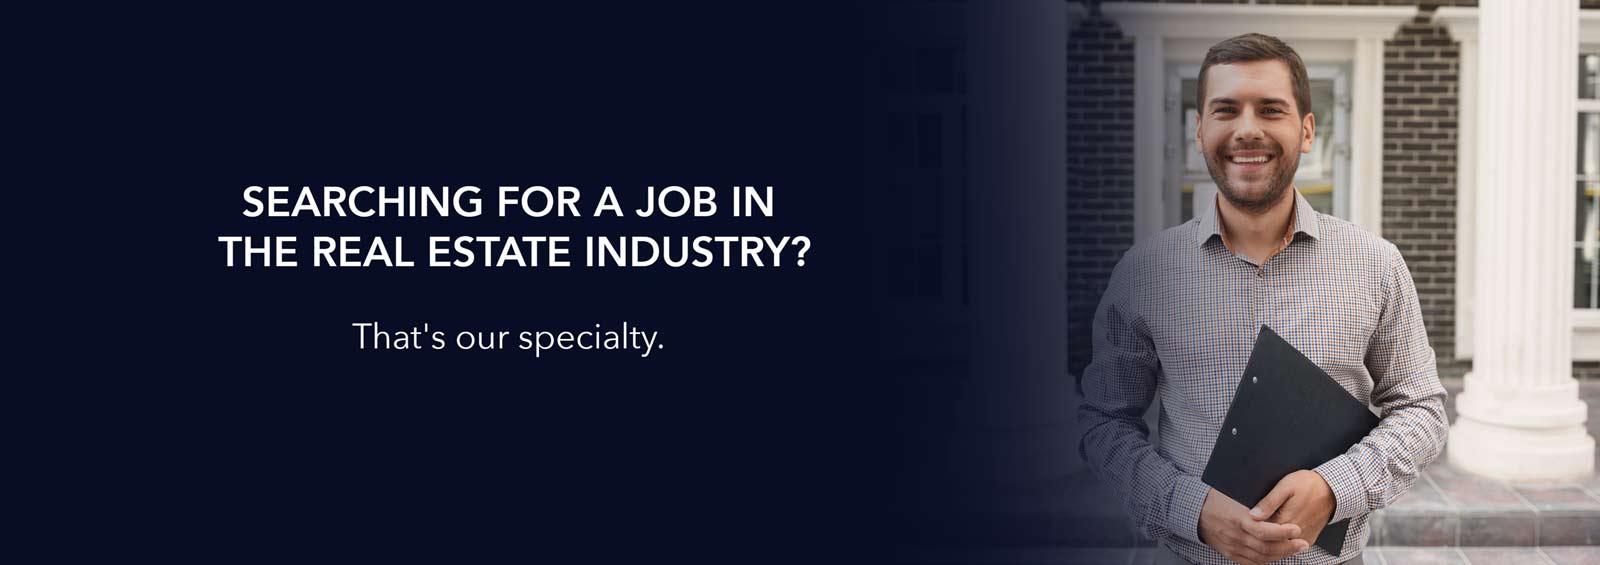 Resume-Pundits-RealEstate